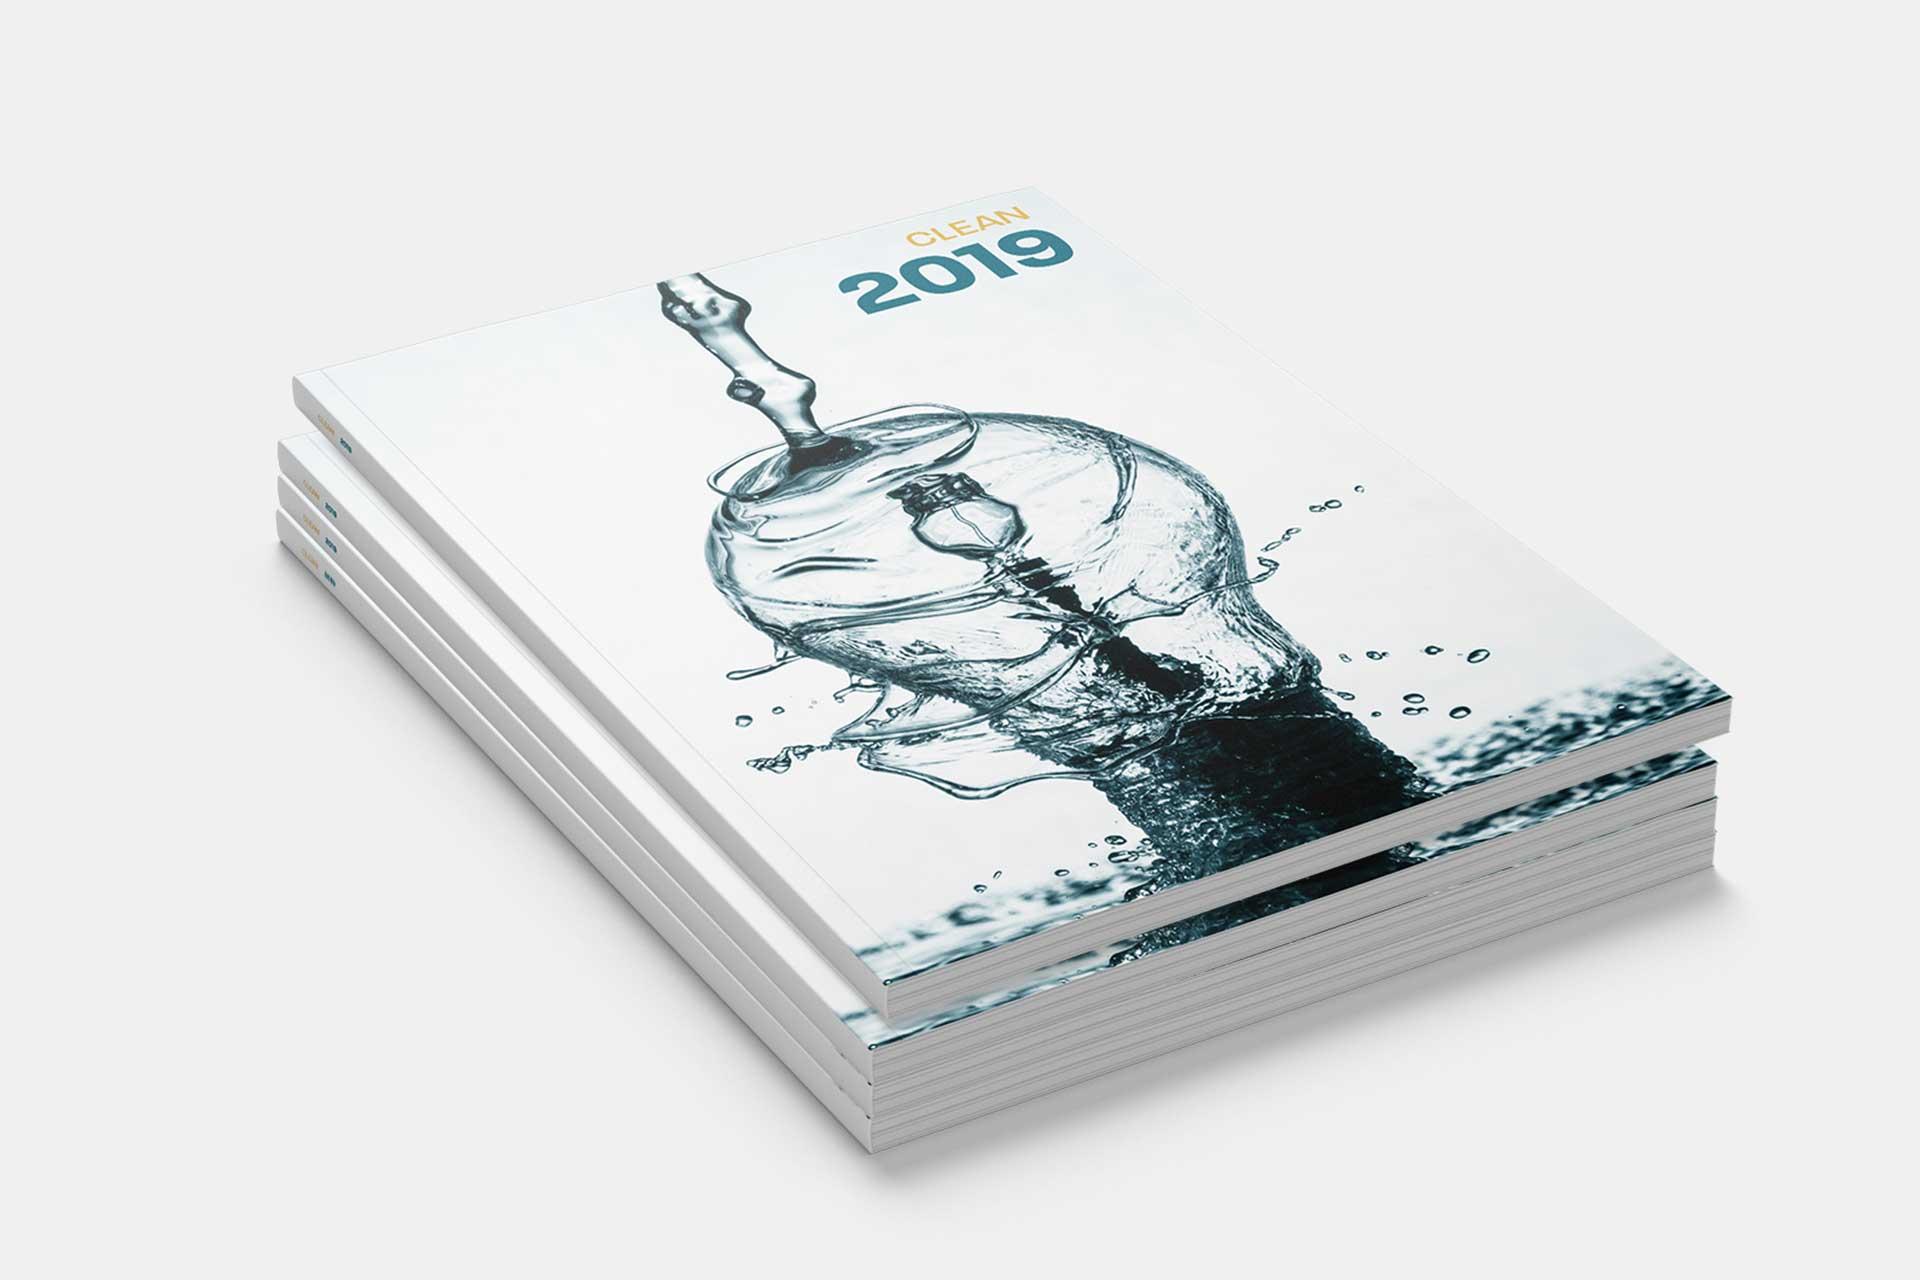 Clean årsrapport 2019 grafisk design